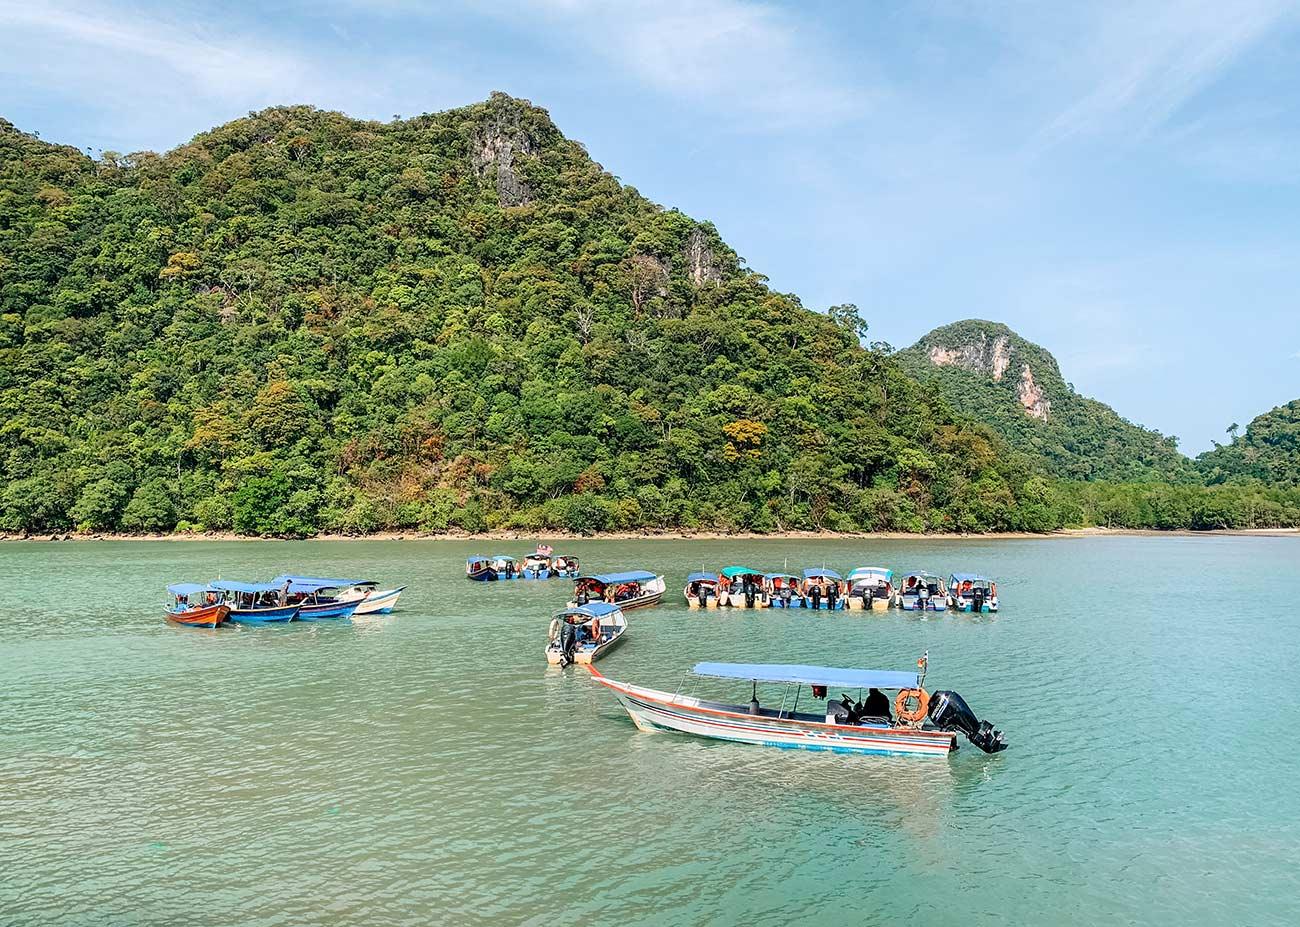 Pulau Dayang Bunting island Langkawi Malaysia and tourist boats